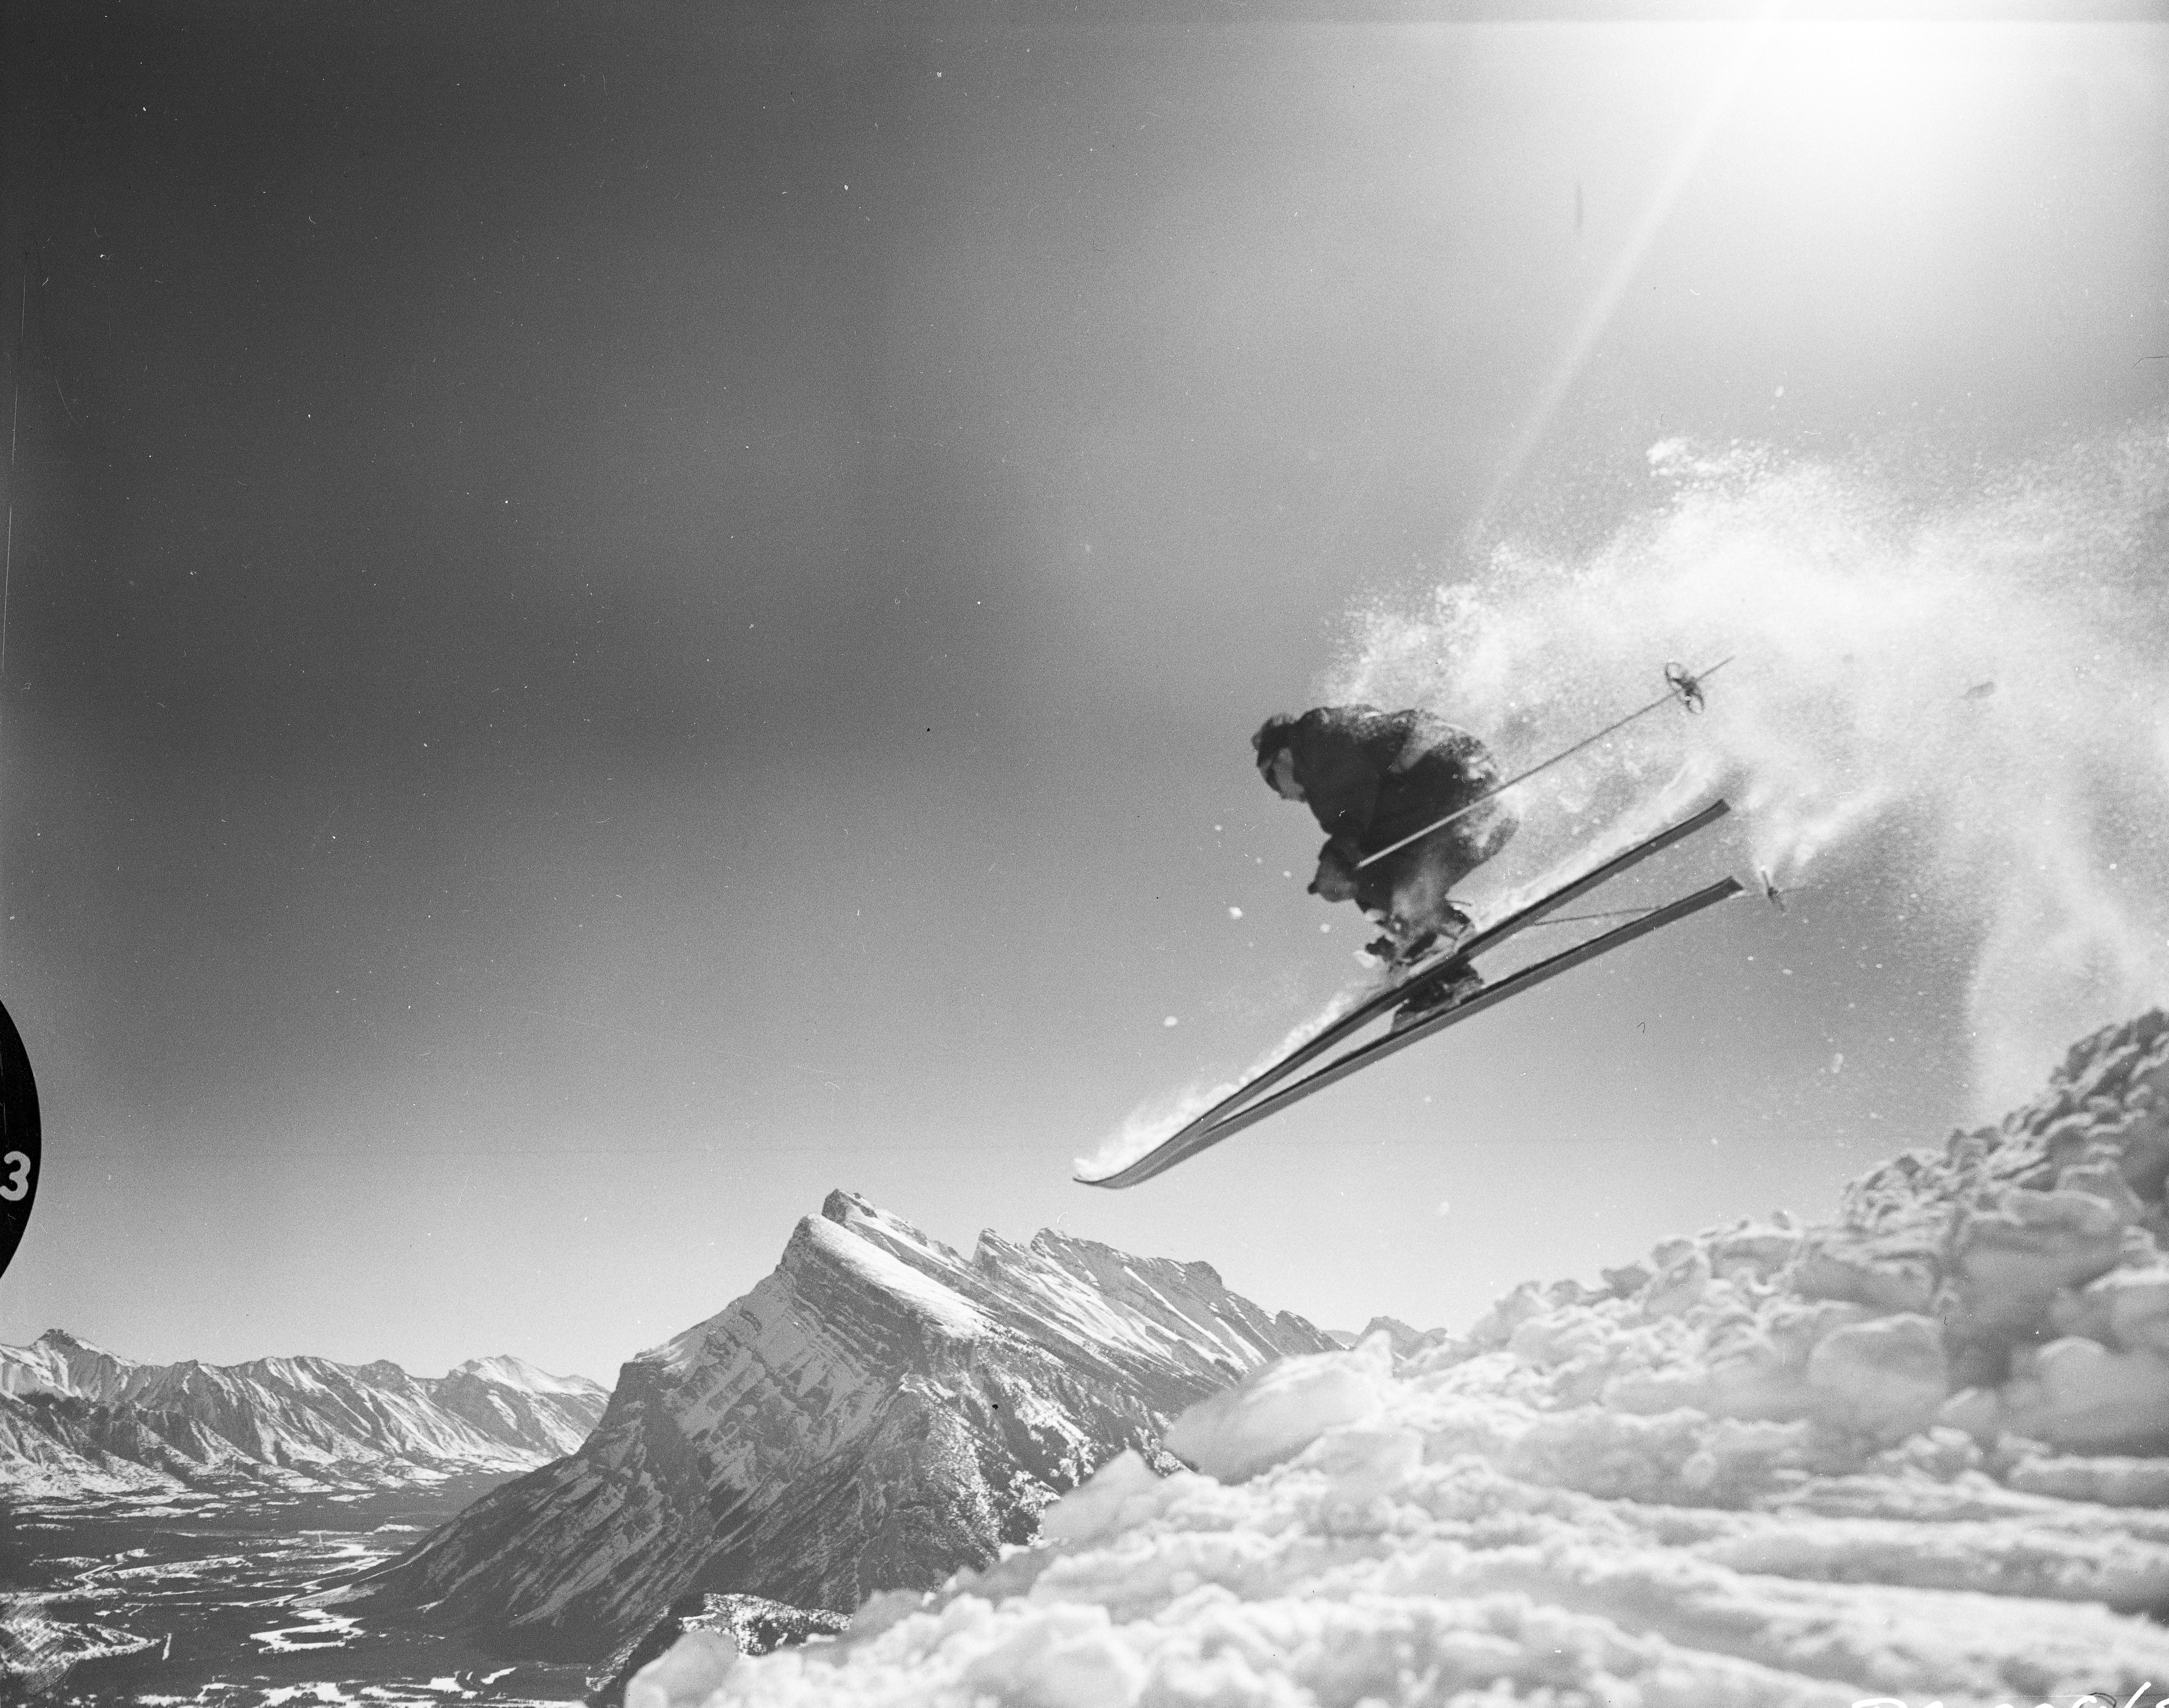 Skiing at Mt. Norquay